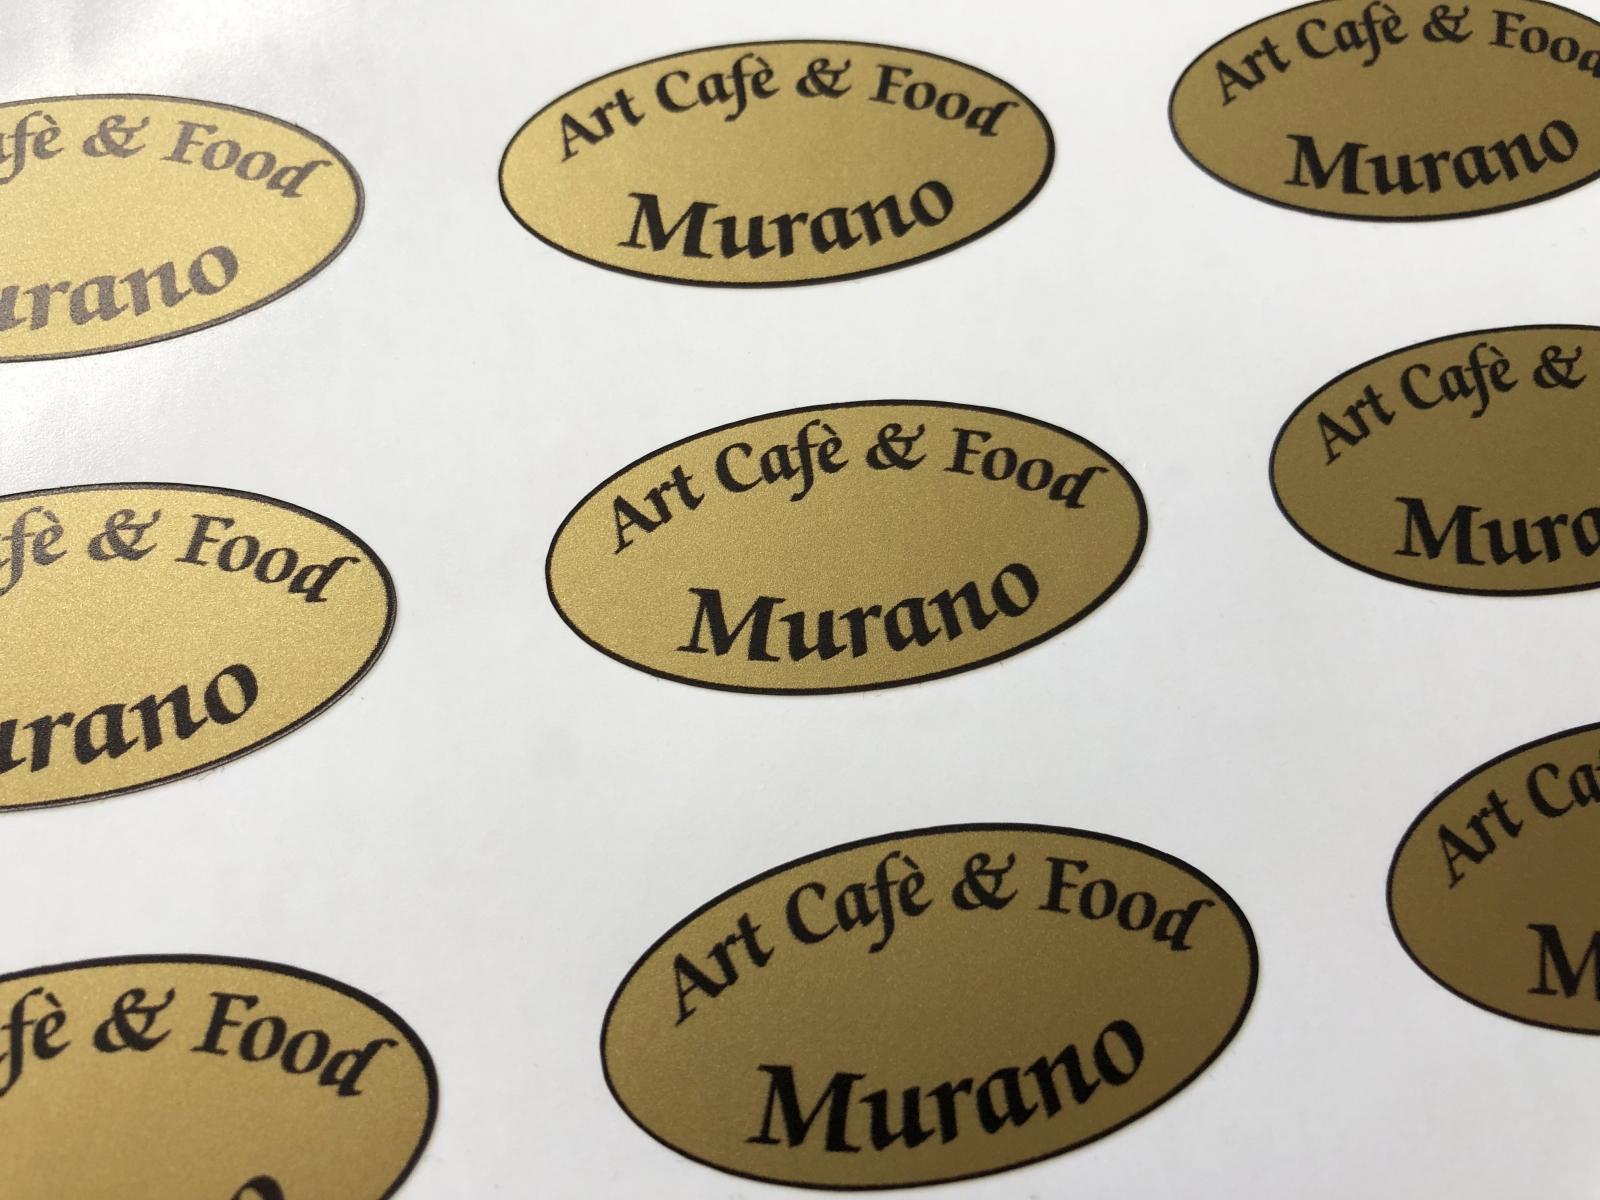 Stampa etichette adesive oro ovali